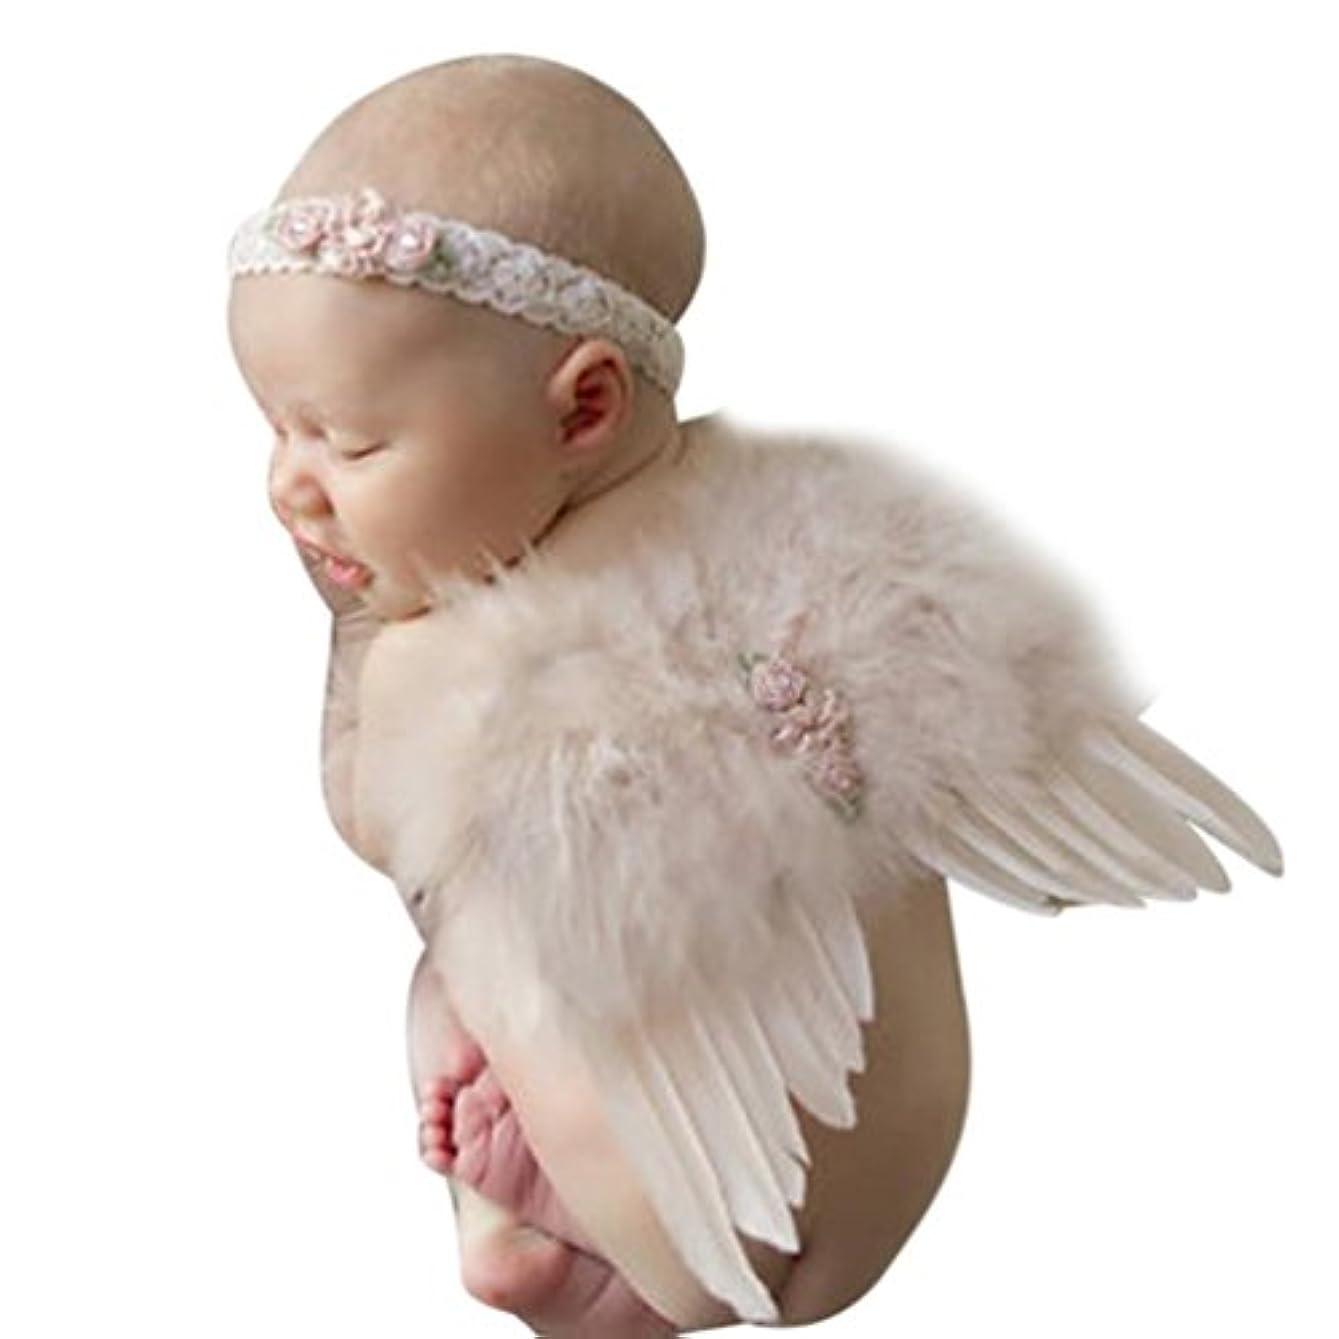 リアル発表ハーネスTonsee ベビー用着ぐるみ まるで天使 ヘアバンド付 赤ちゃん 可愛い コスプレ 百日記念 写真 撮影用